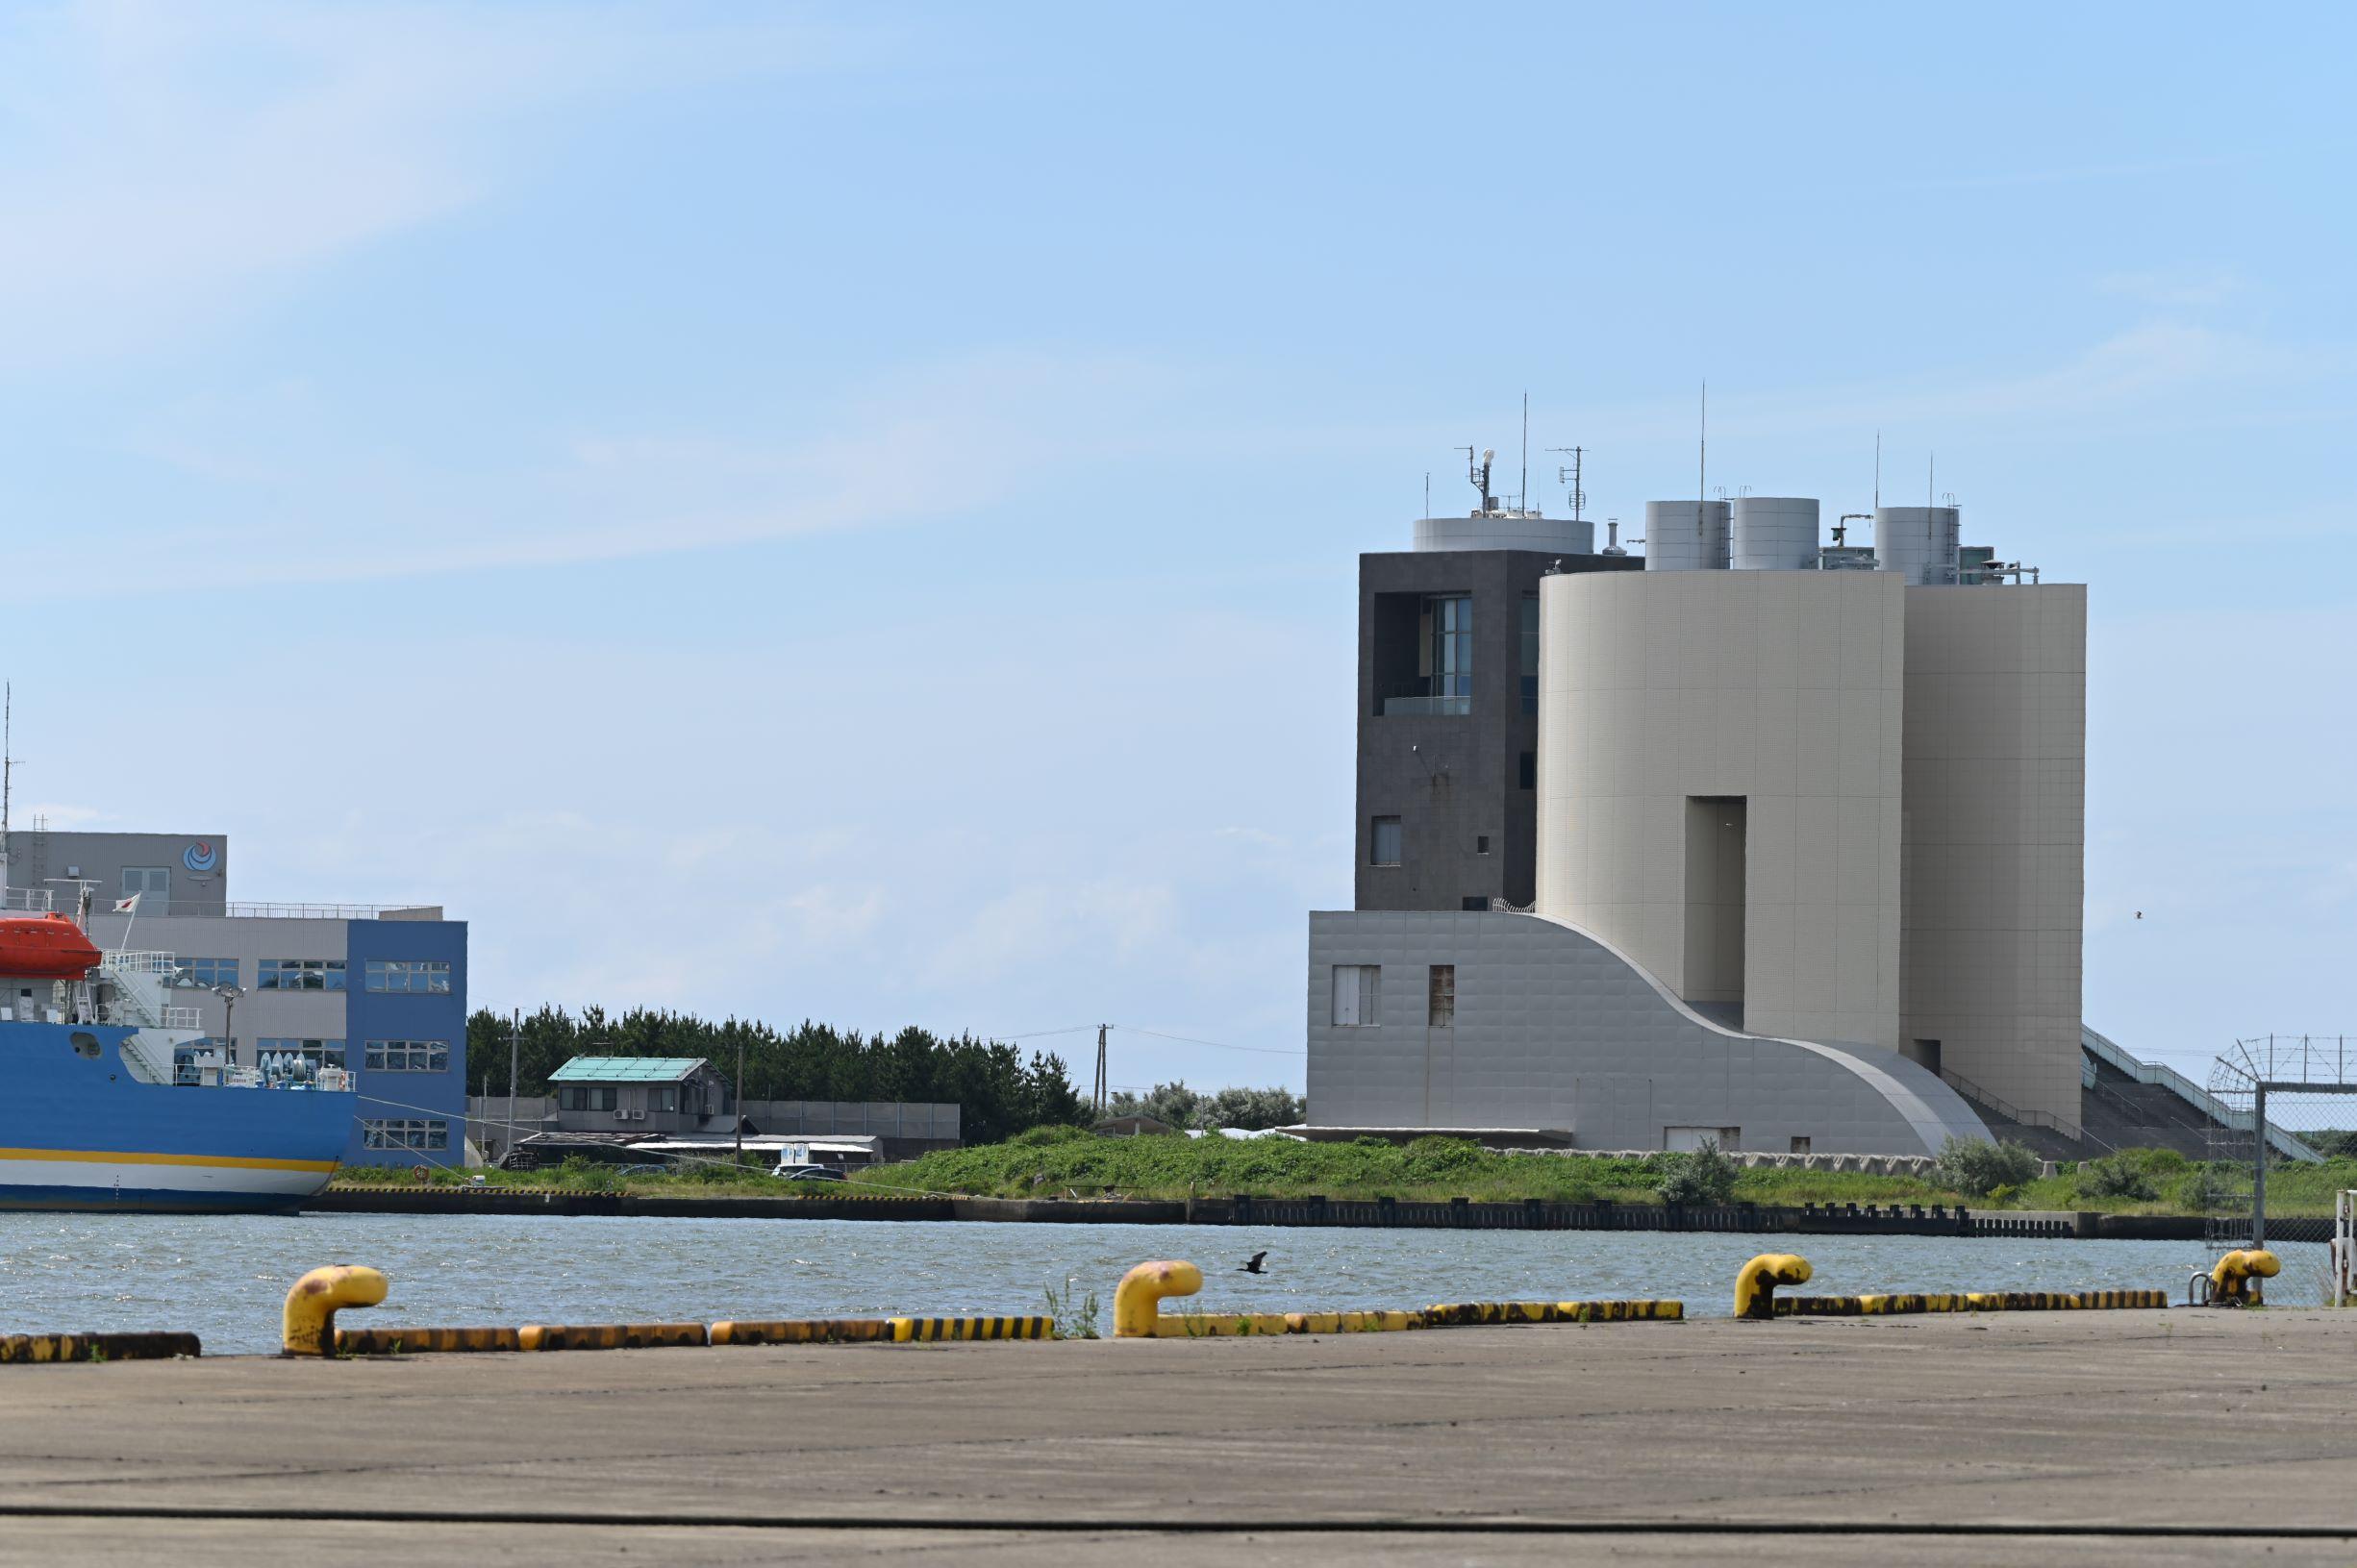 新潟県 新潟西港でフェリーなど撮影してきました